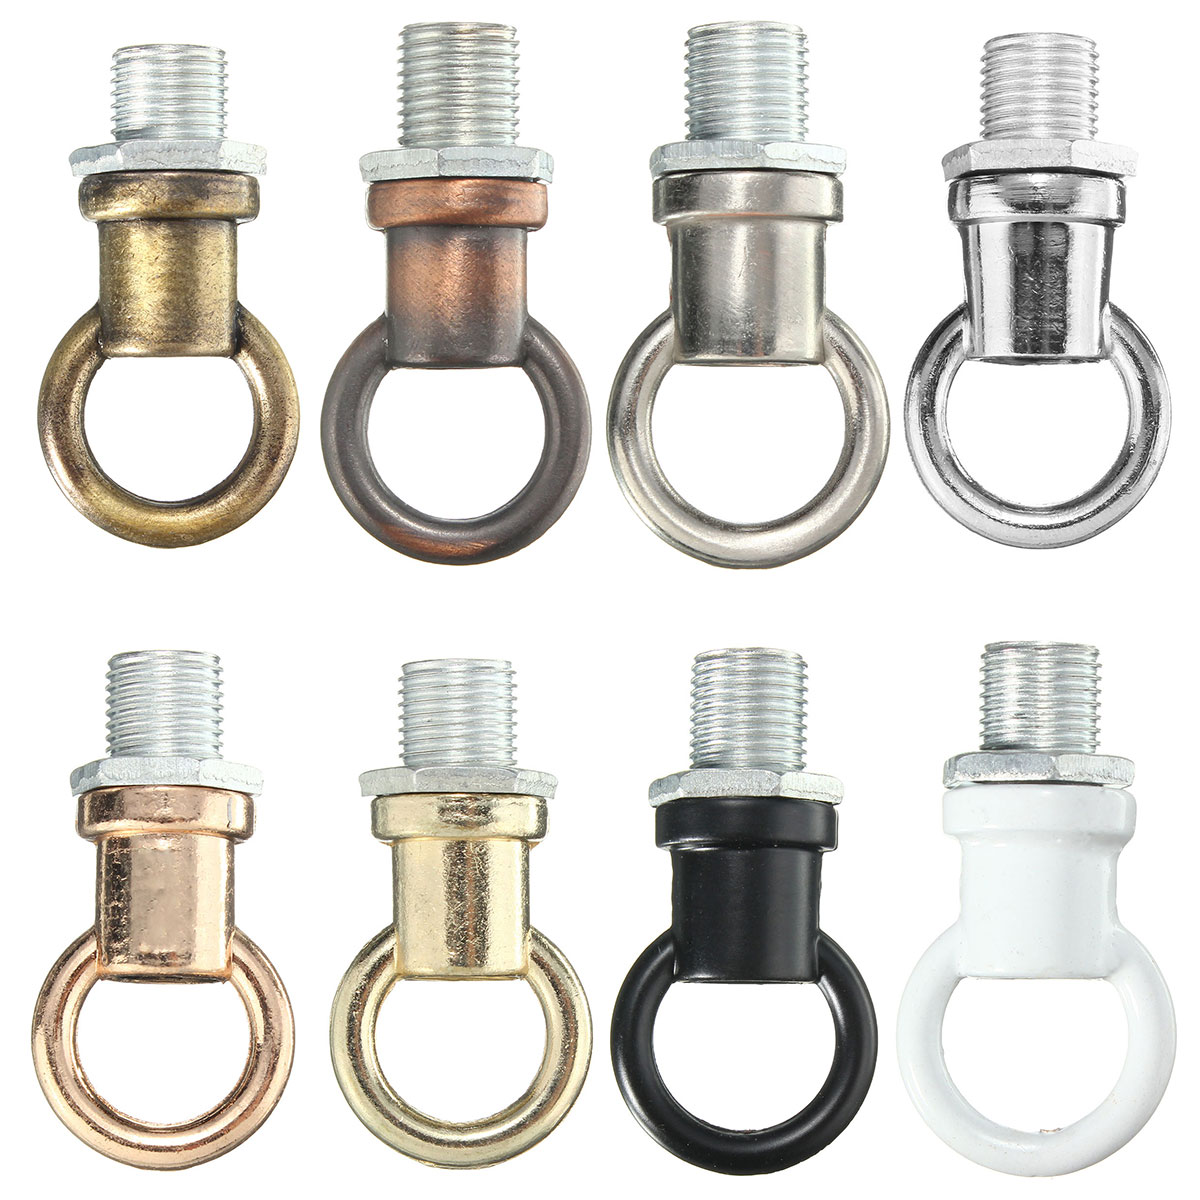 neufu crochet pour lustre accessoires de lampe d coration. Black Bedroom Furniture Sets. Home Design Ideas